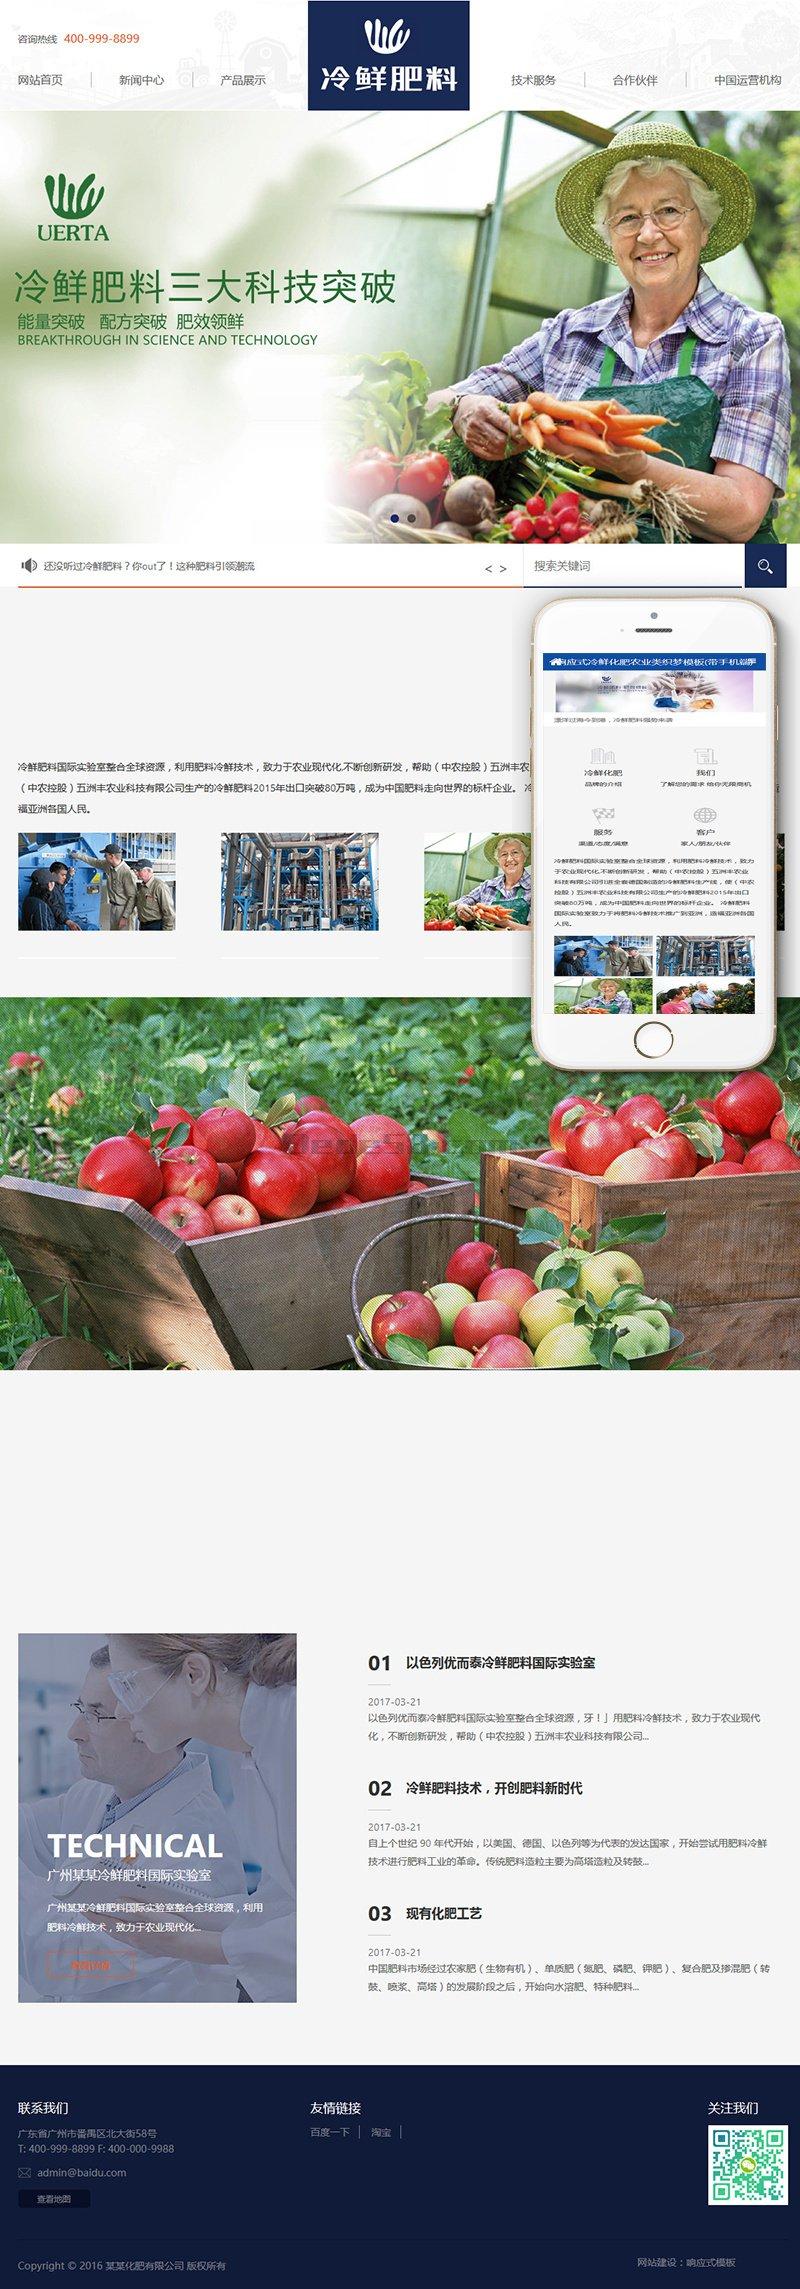 [织梦模板]响应式冷鲜化肥农业类模板(自适应手机端)